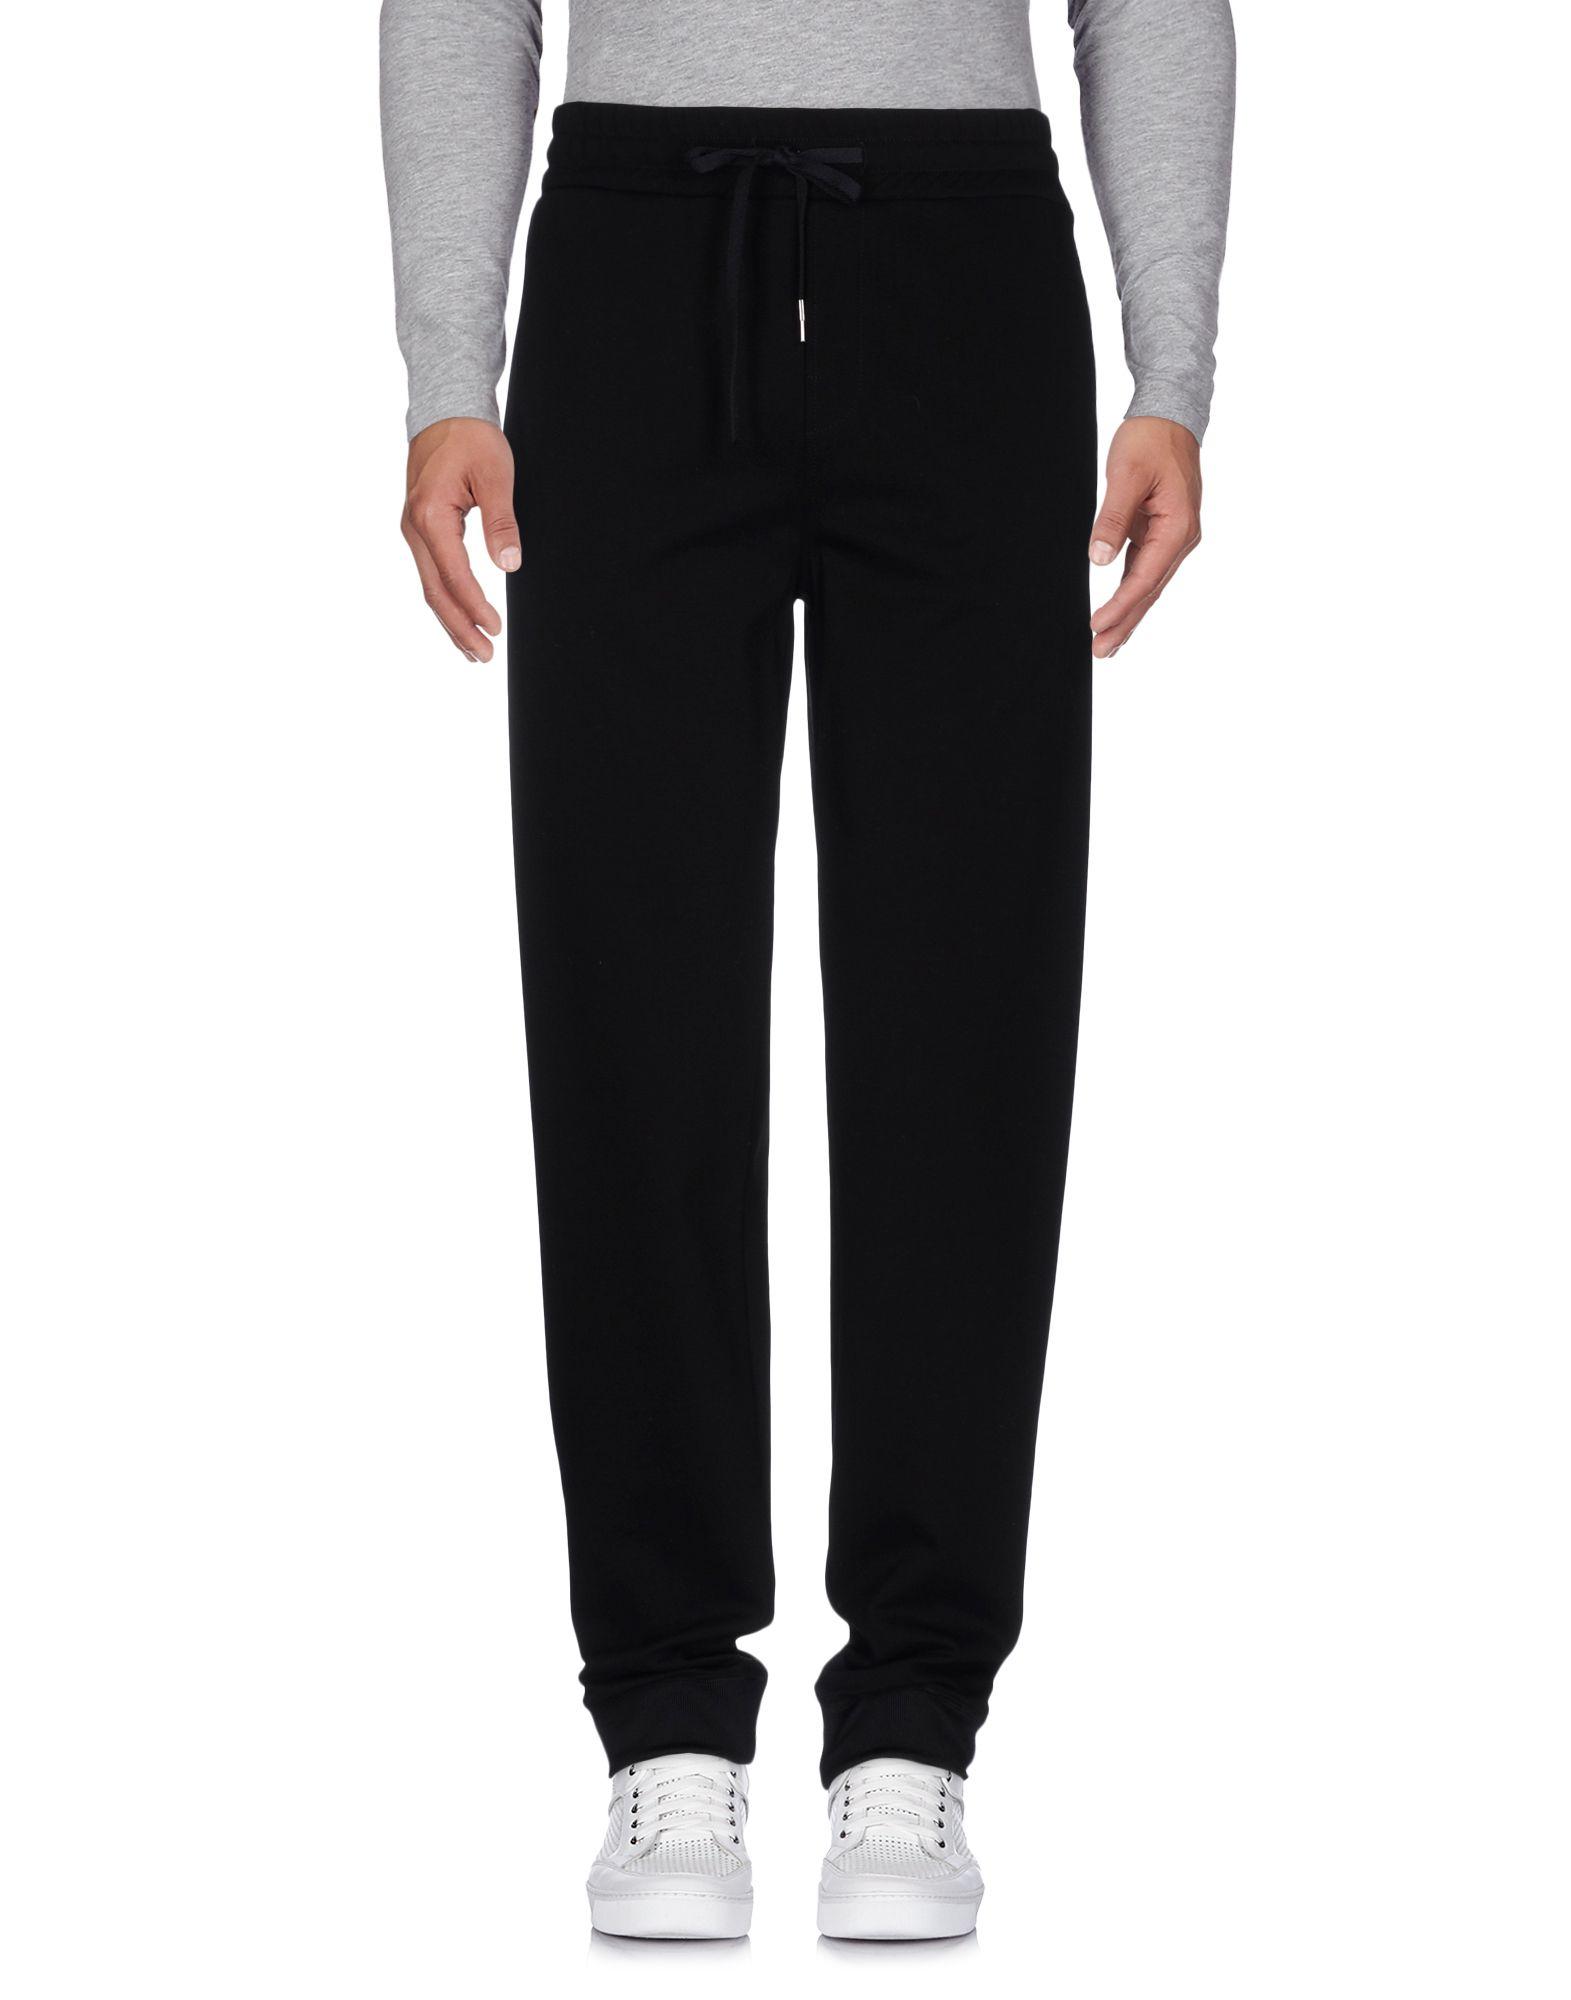 купить DIRK BIKKEMBERGS SPORT COUTURE Повседневные брюки дешево